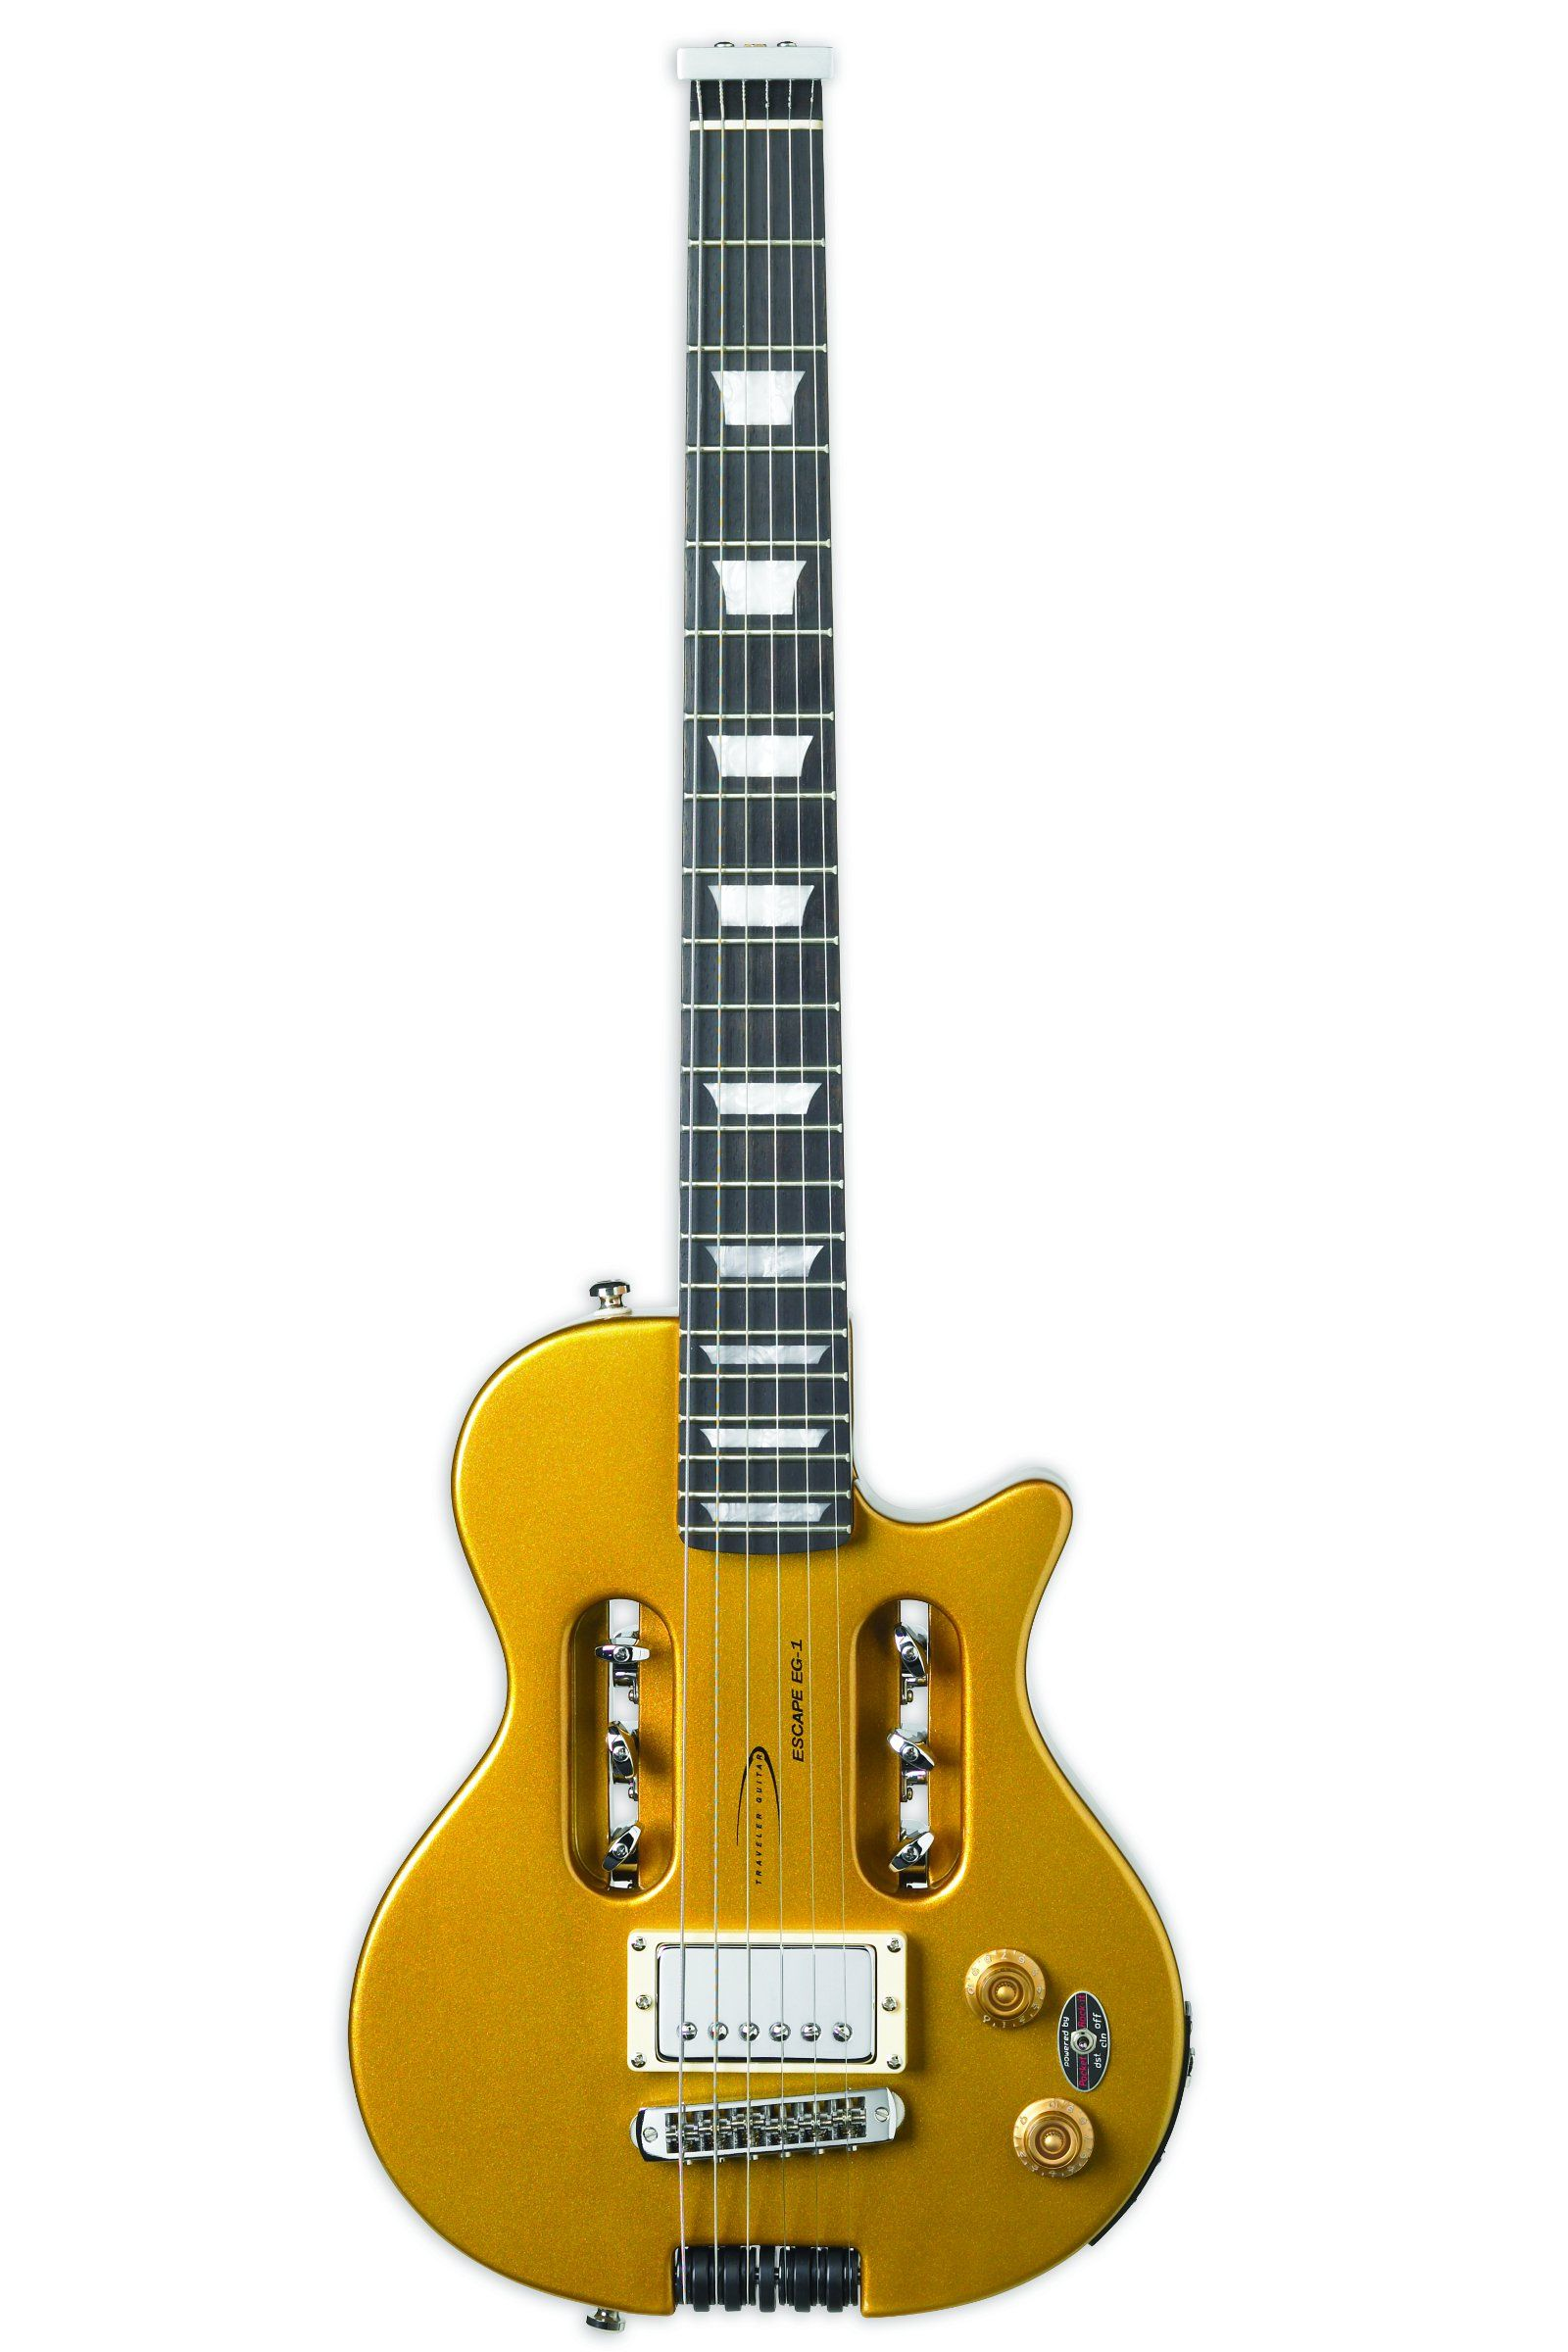 Eg1 custom gloss black guitar acoustic guitar learn